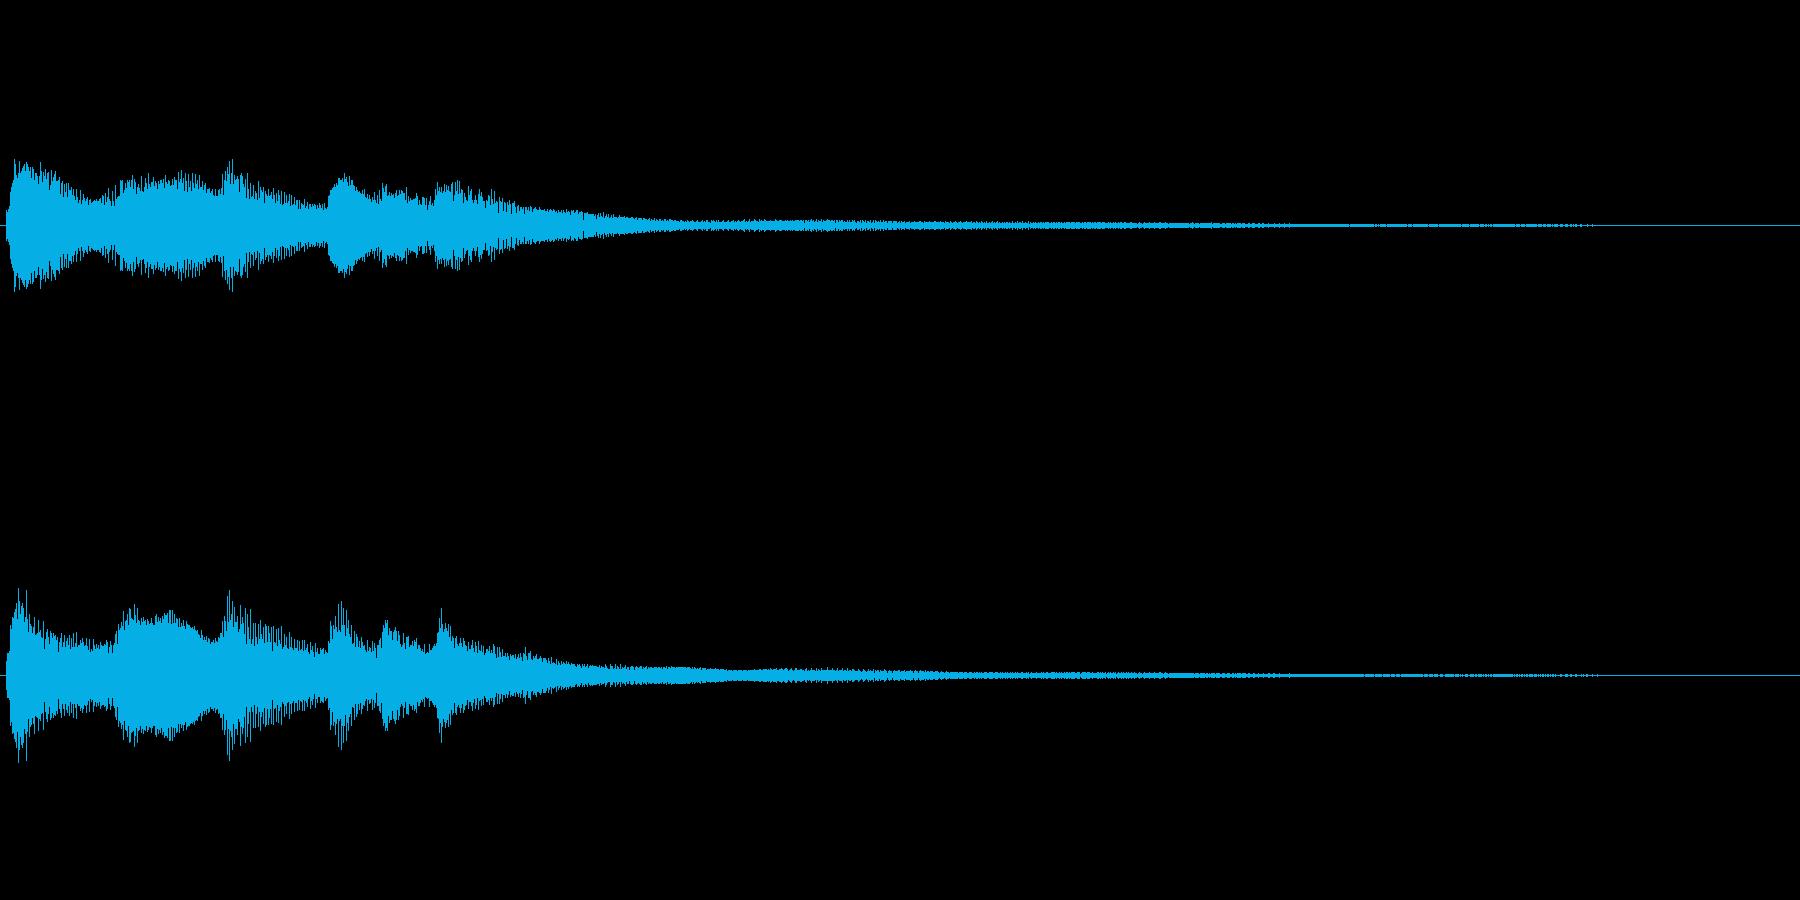 転換の時に使う短いBGM ファンタジー系の再生済みの波形